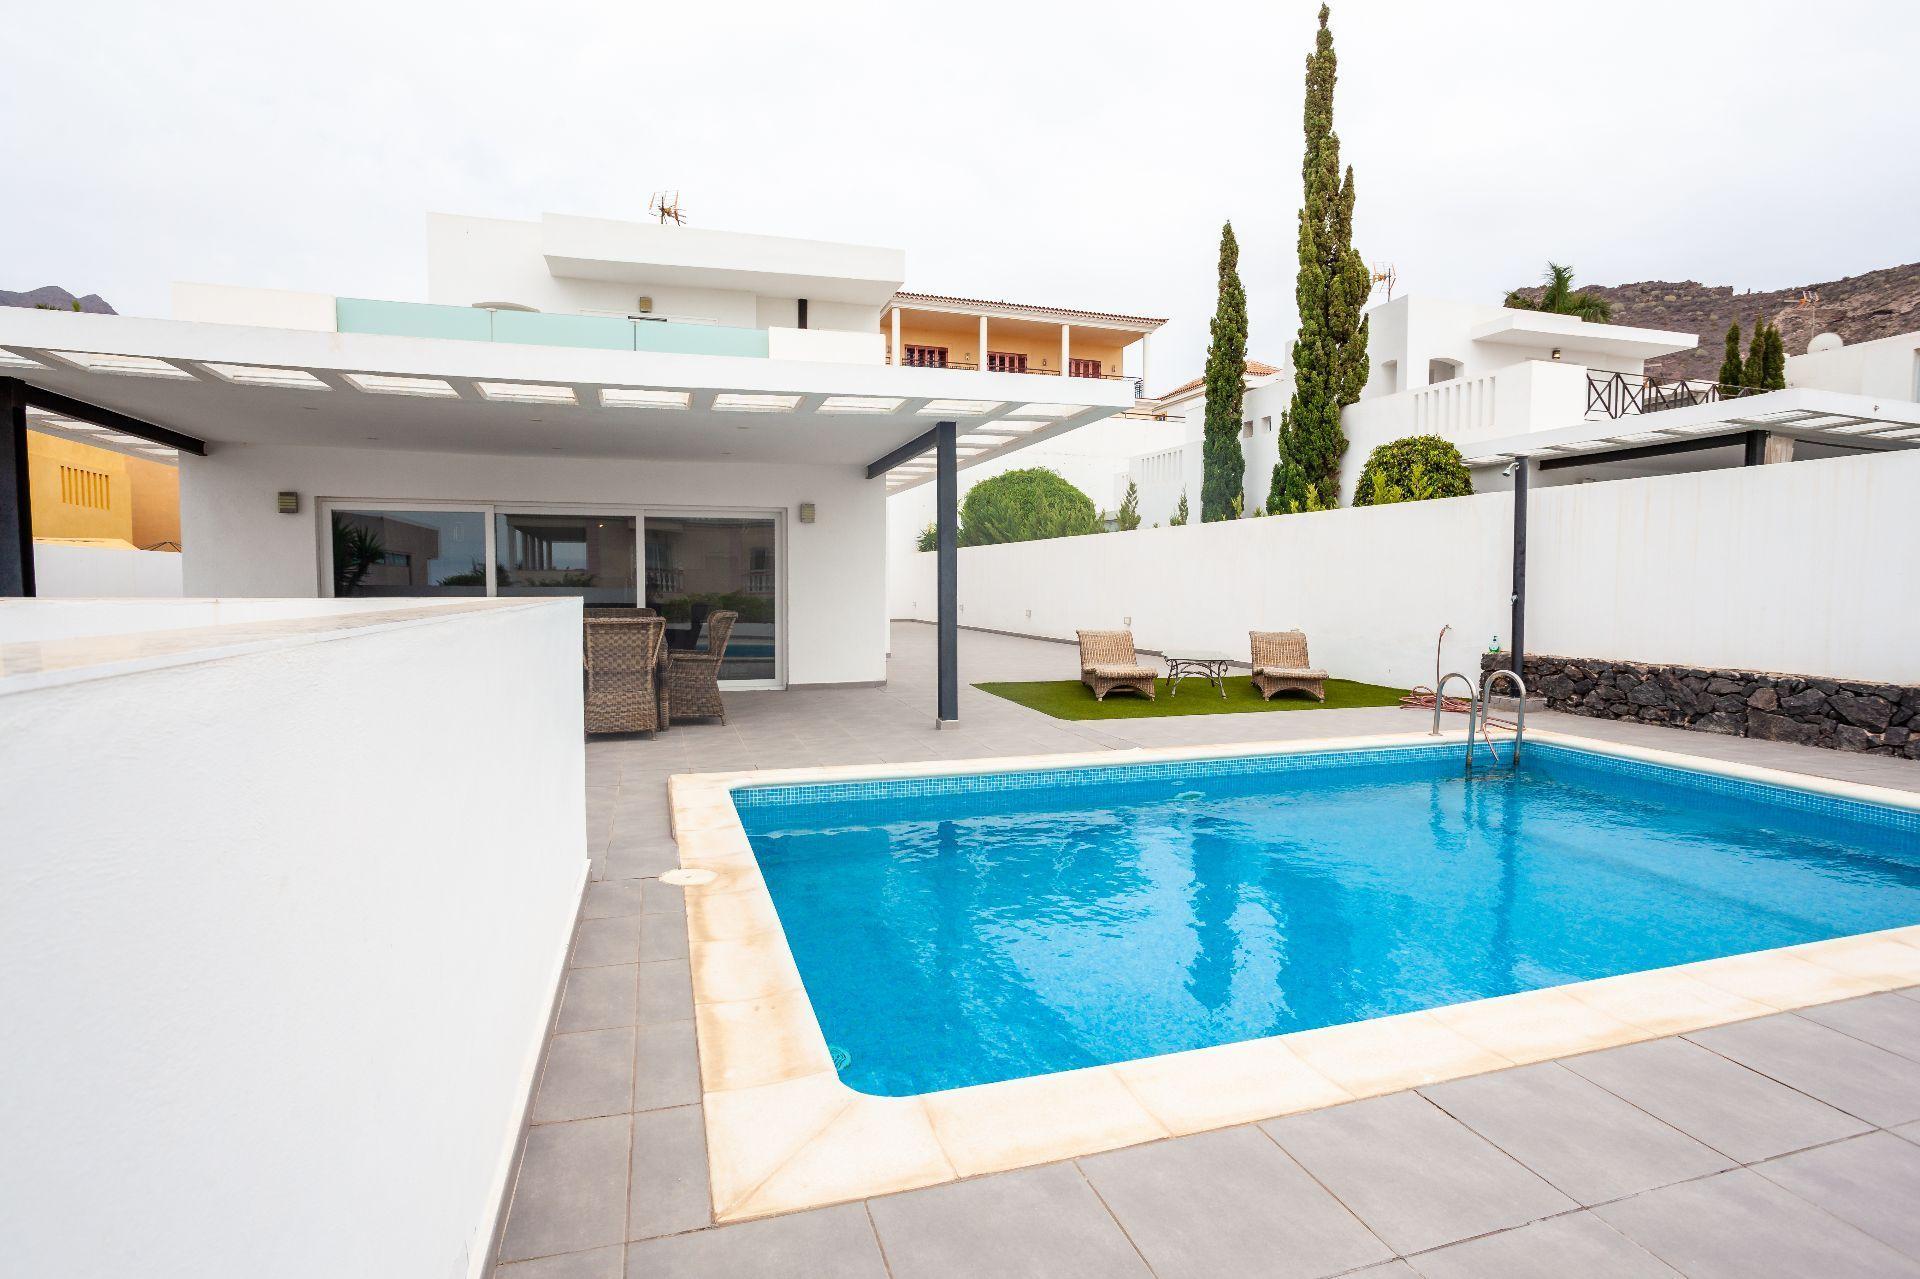 Villa de Lujo en Adeje, Playa Fañabe, venta